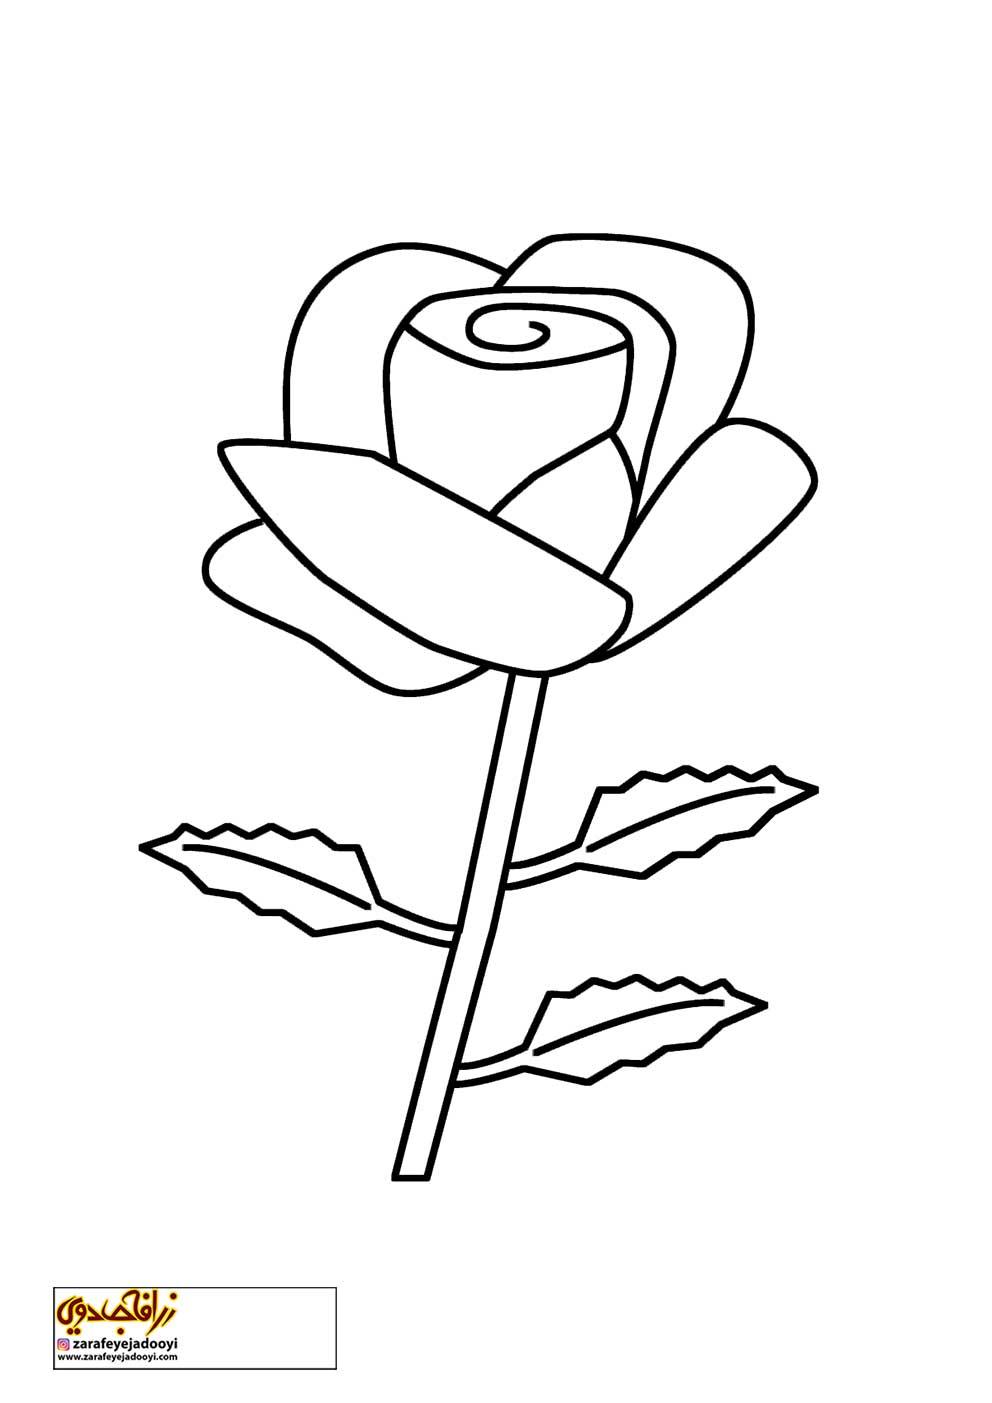 زرافه-جادویی-رنگ-آمیزی-کودکان-نقاشی-گل-10